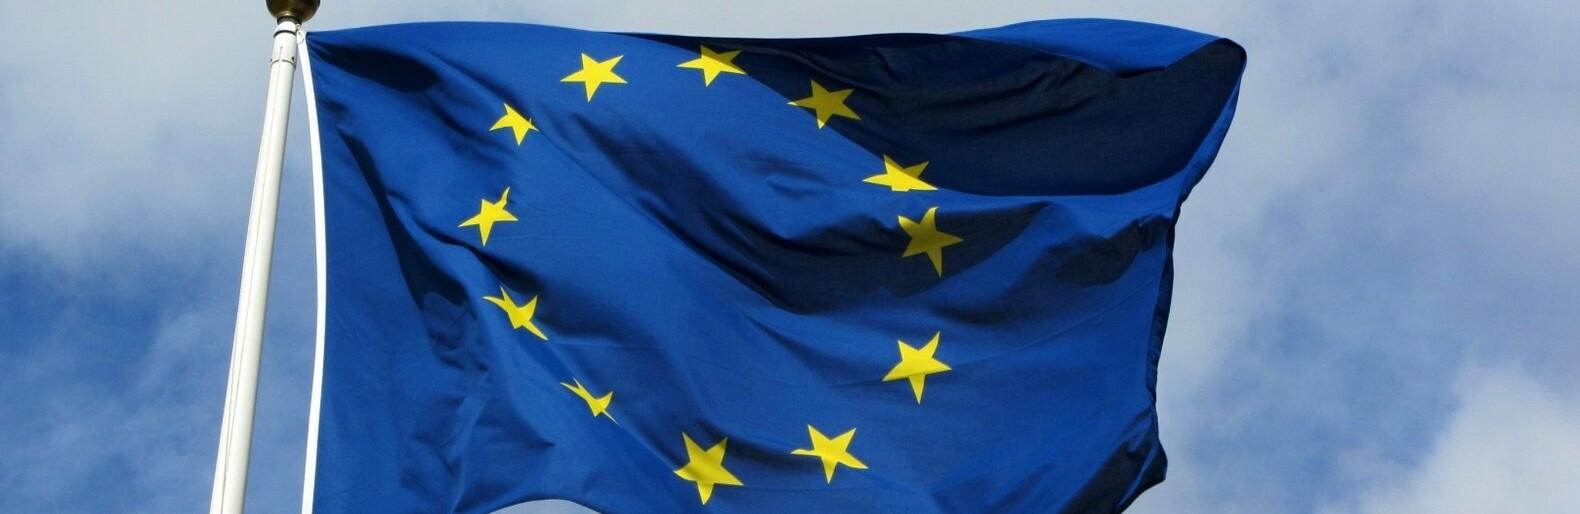 В Одессе вандалы танцевали на флаге ЕС: открыто уголовное производс...0